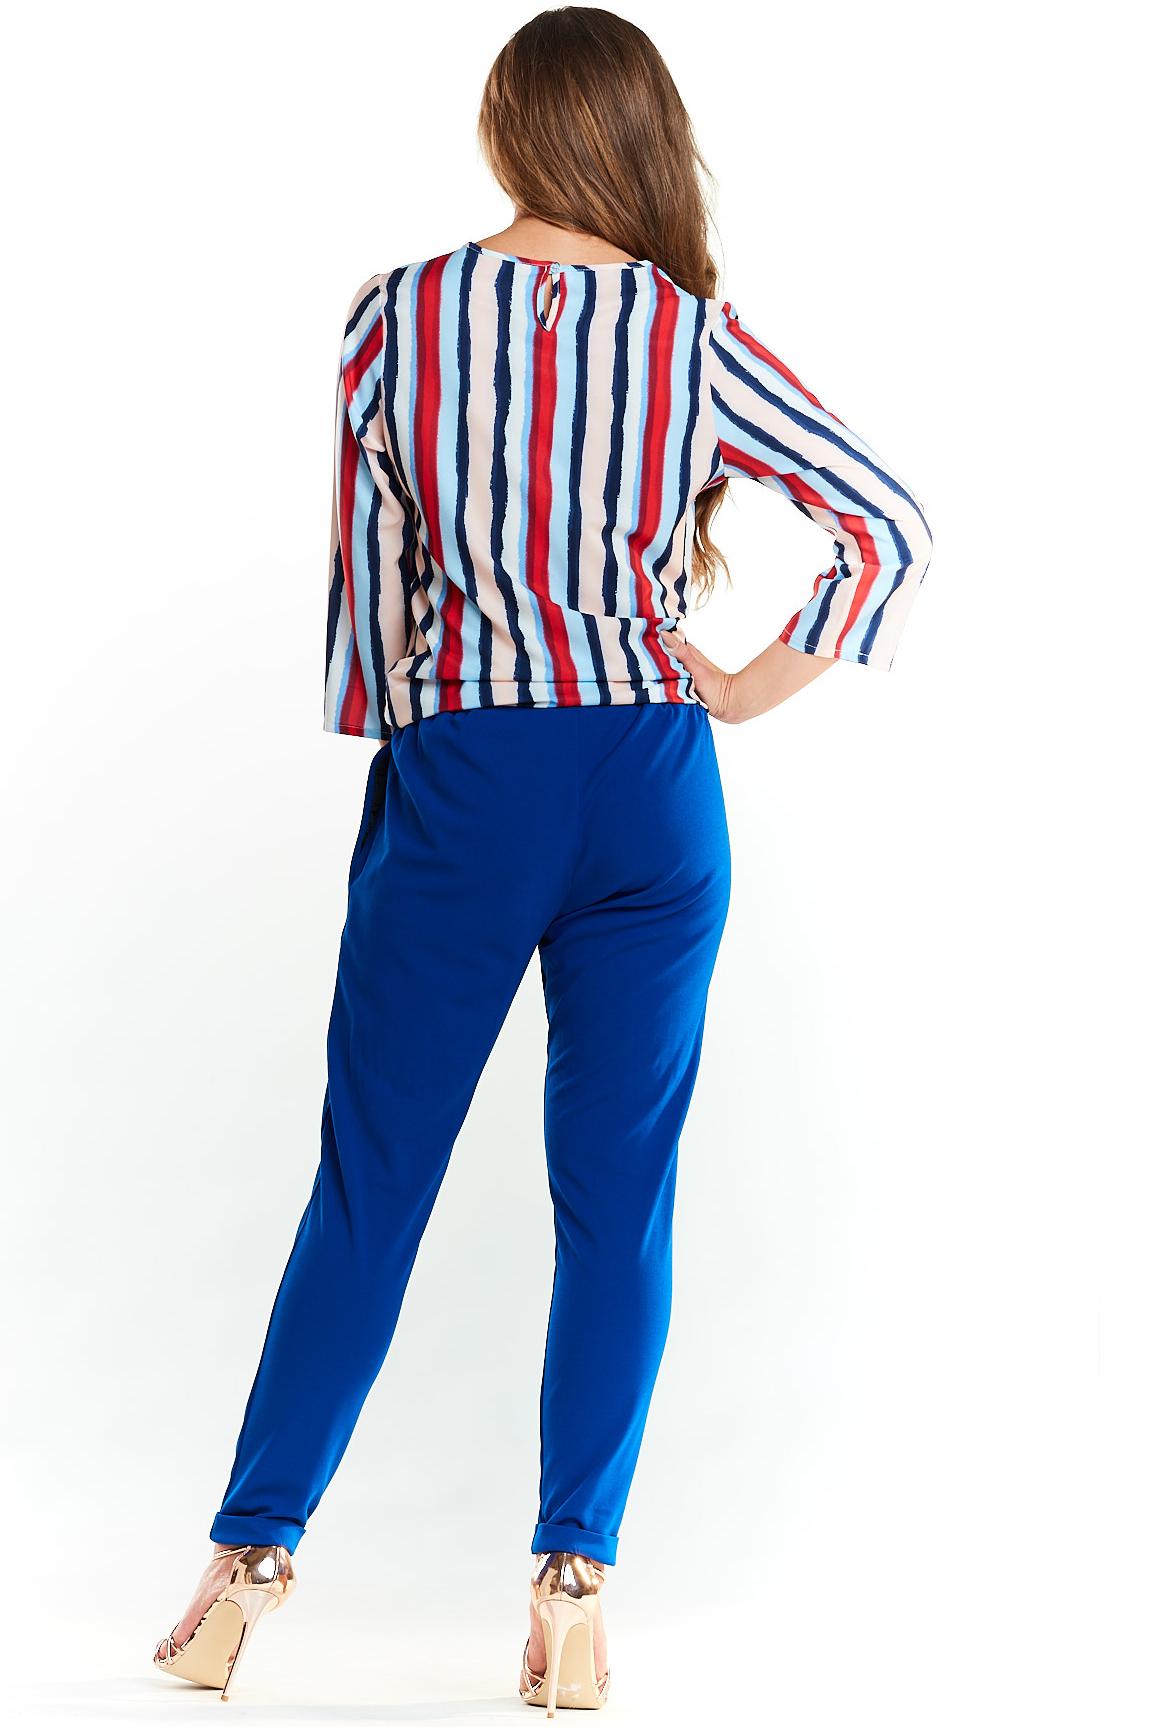 CM3977 Klasyczna elegancka bluzka - paski